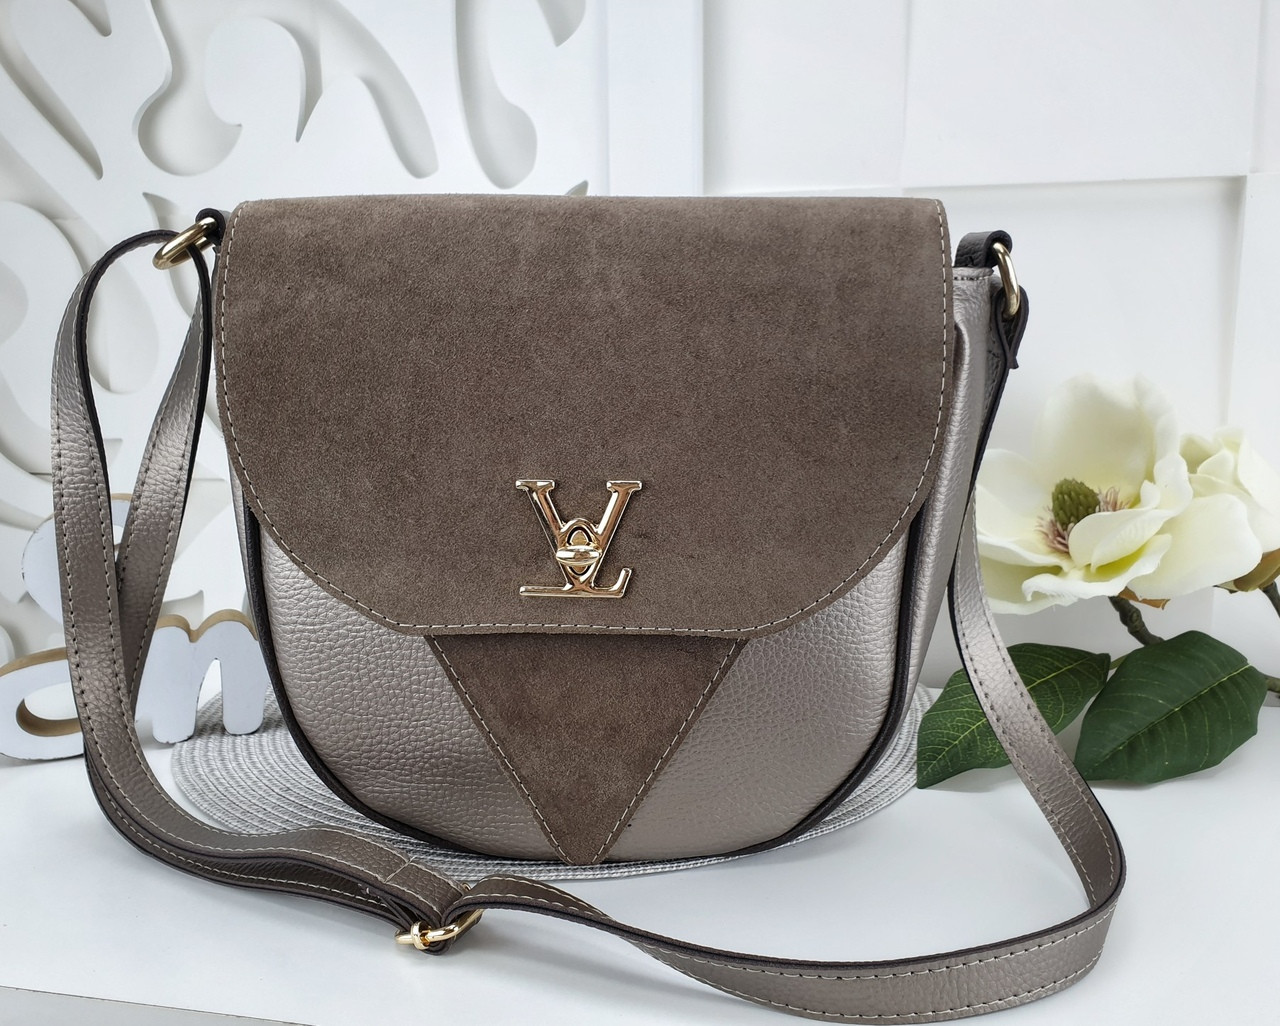 Женская сумка-клатч в цвете светлая бронза+мокко, структурная эко кожа+натуральный замш (под бренд)